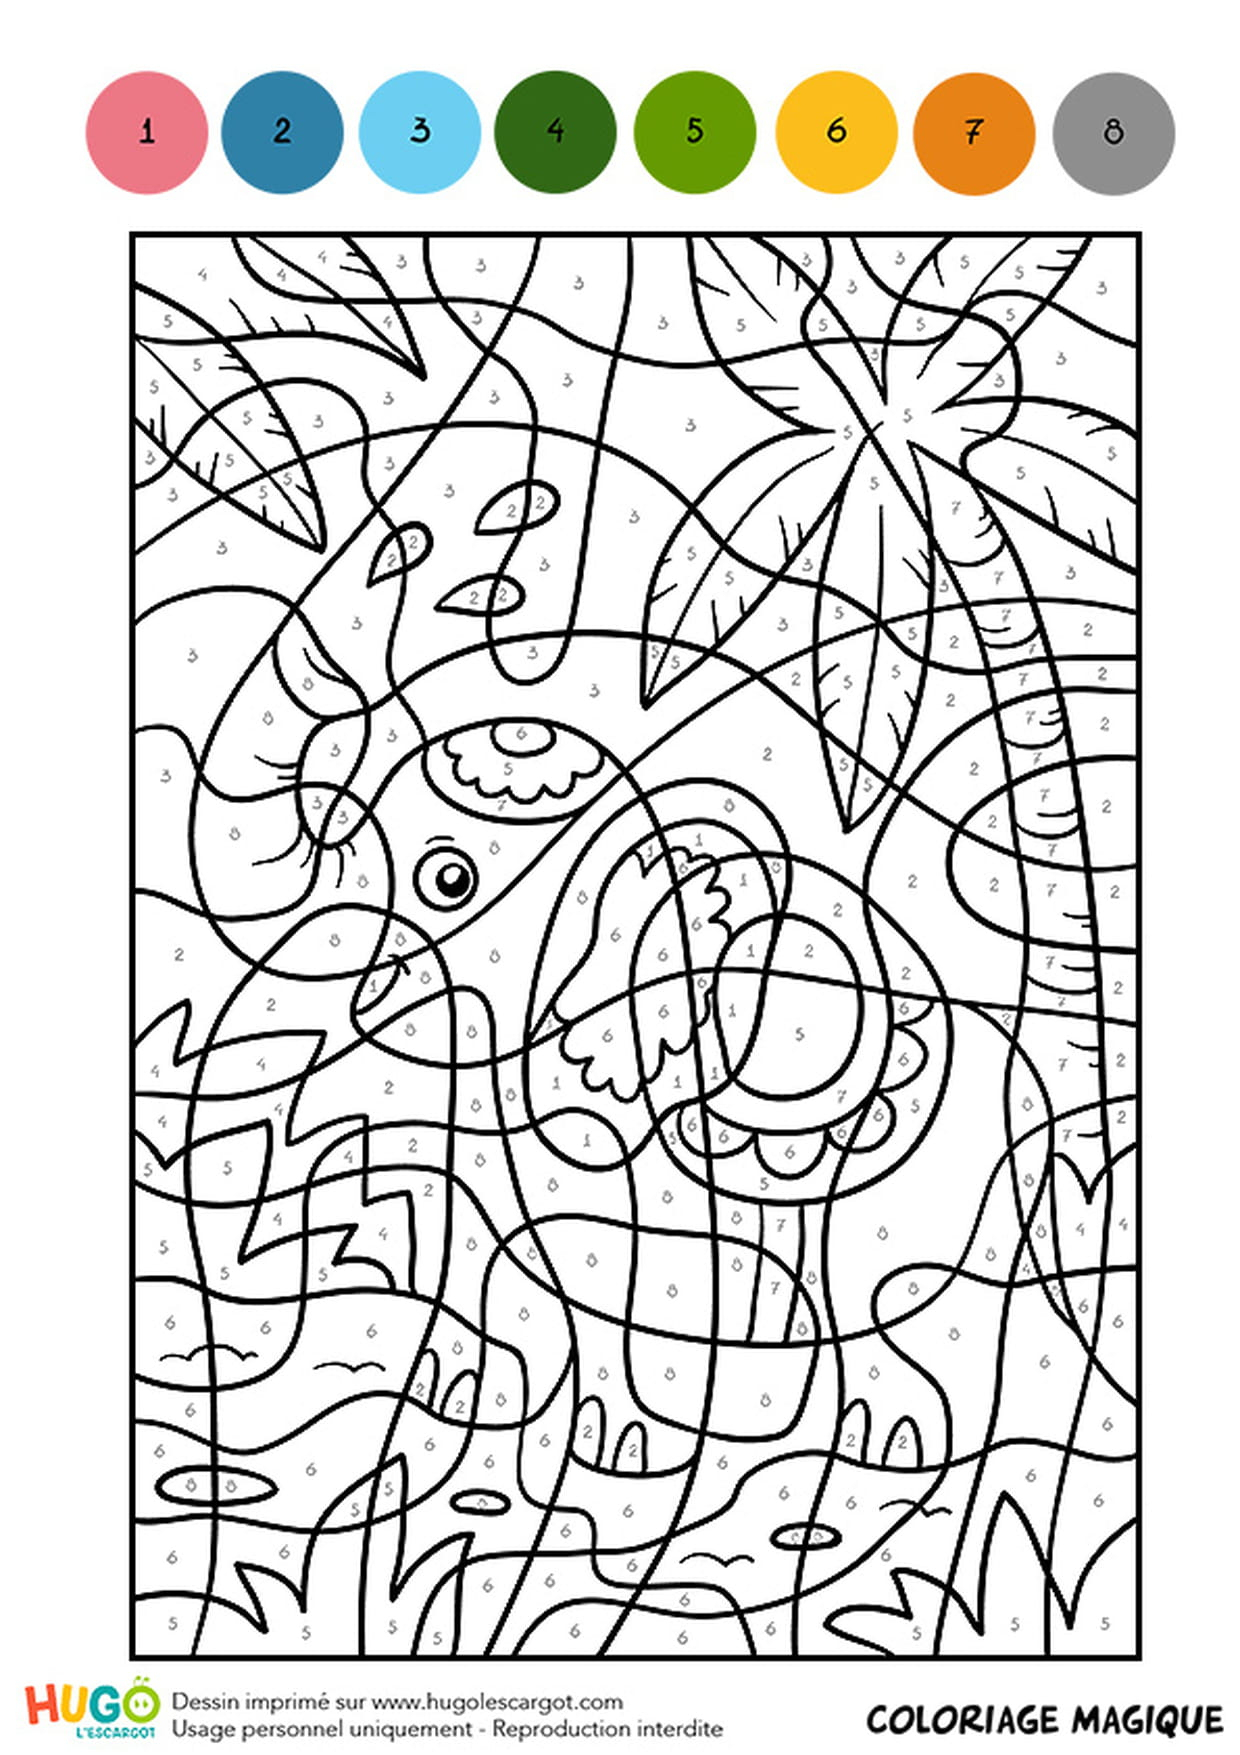 Coloriage Magique Cm1, Un Éléphant Indien destiné Jeux De Coloriage Magique Cm1